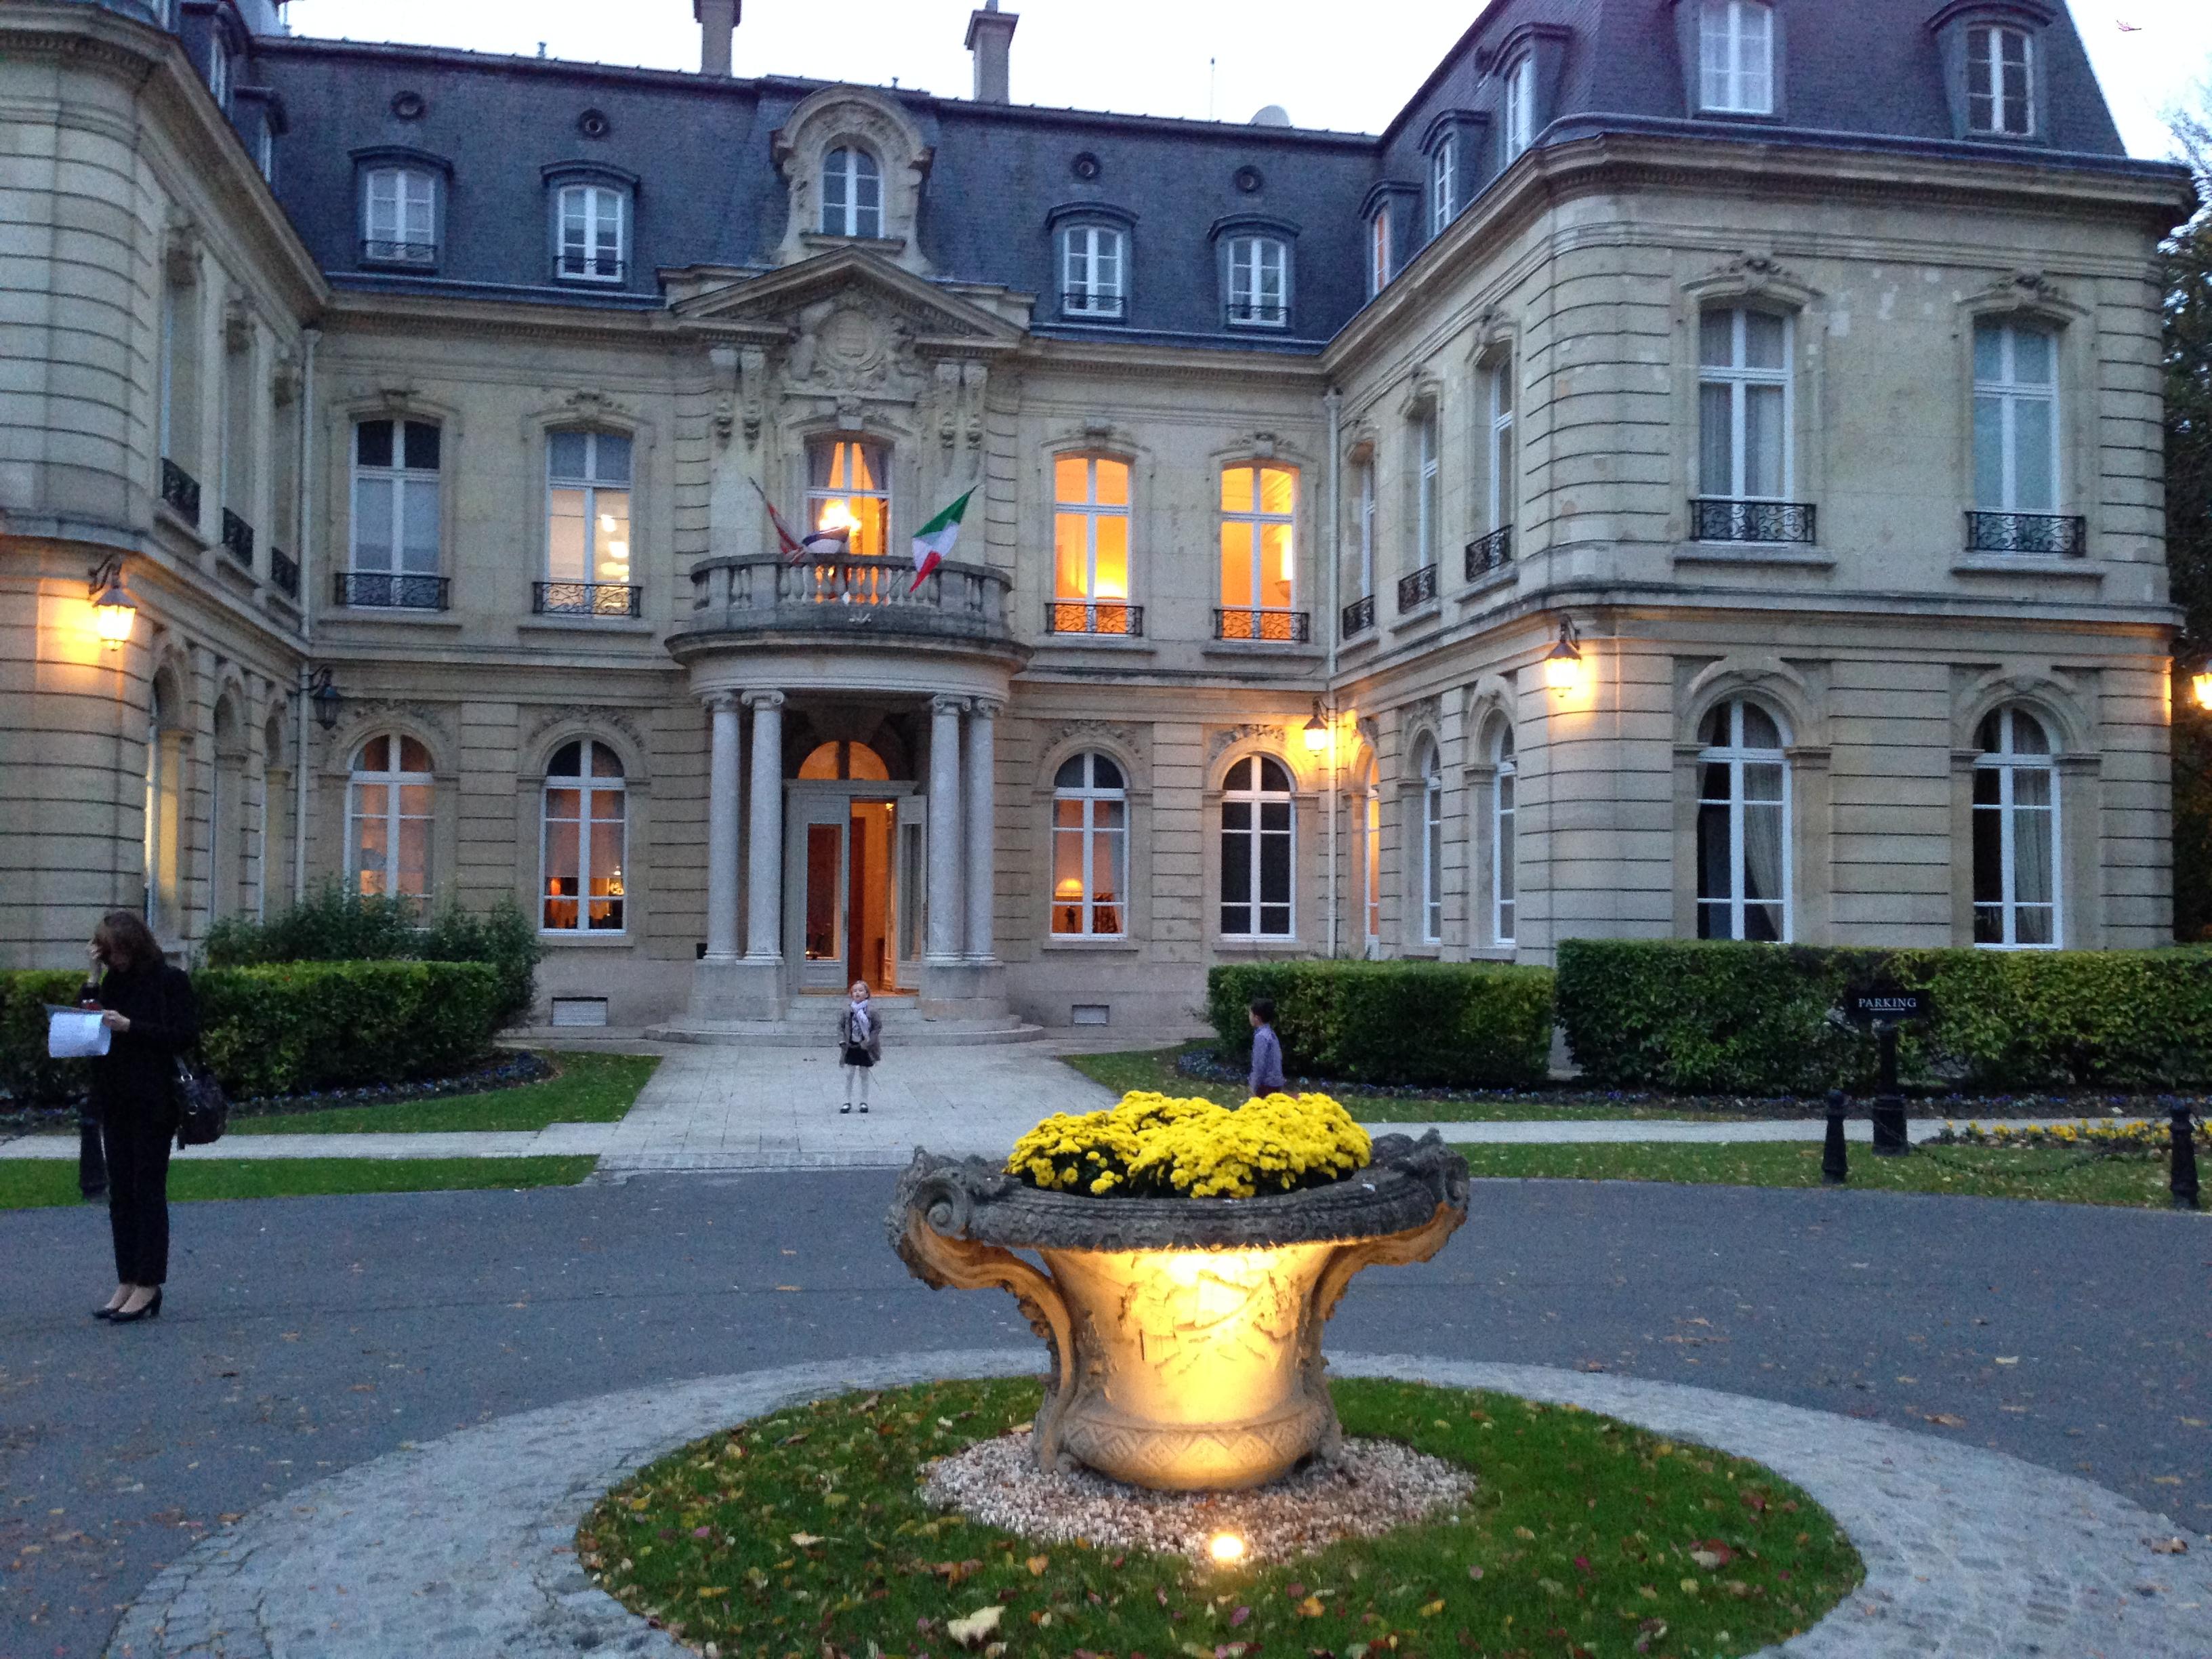 Reims le domaine des cray res le luxe est aussi dans la cuisine c 39 est comment - Restaurant le jardin reims crayeres ...